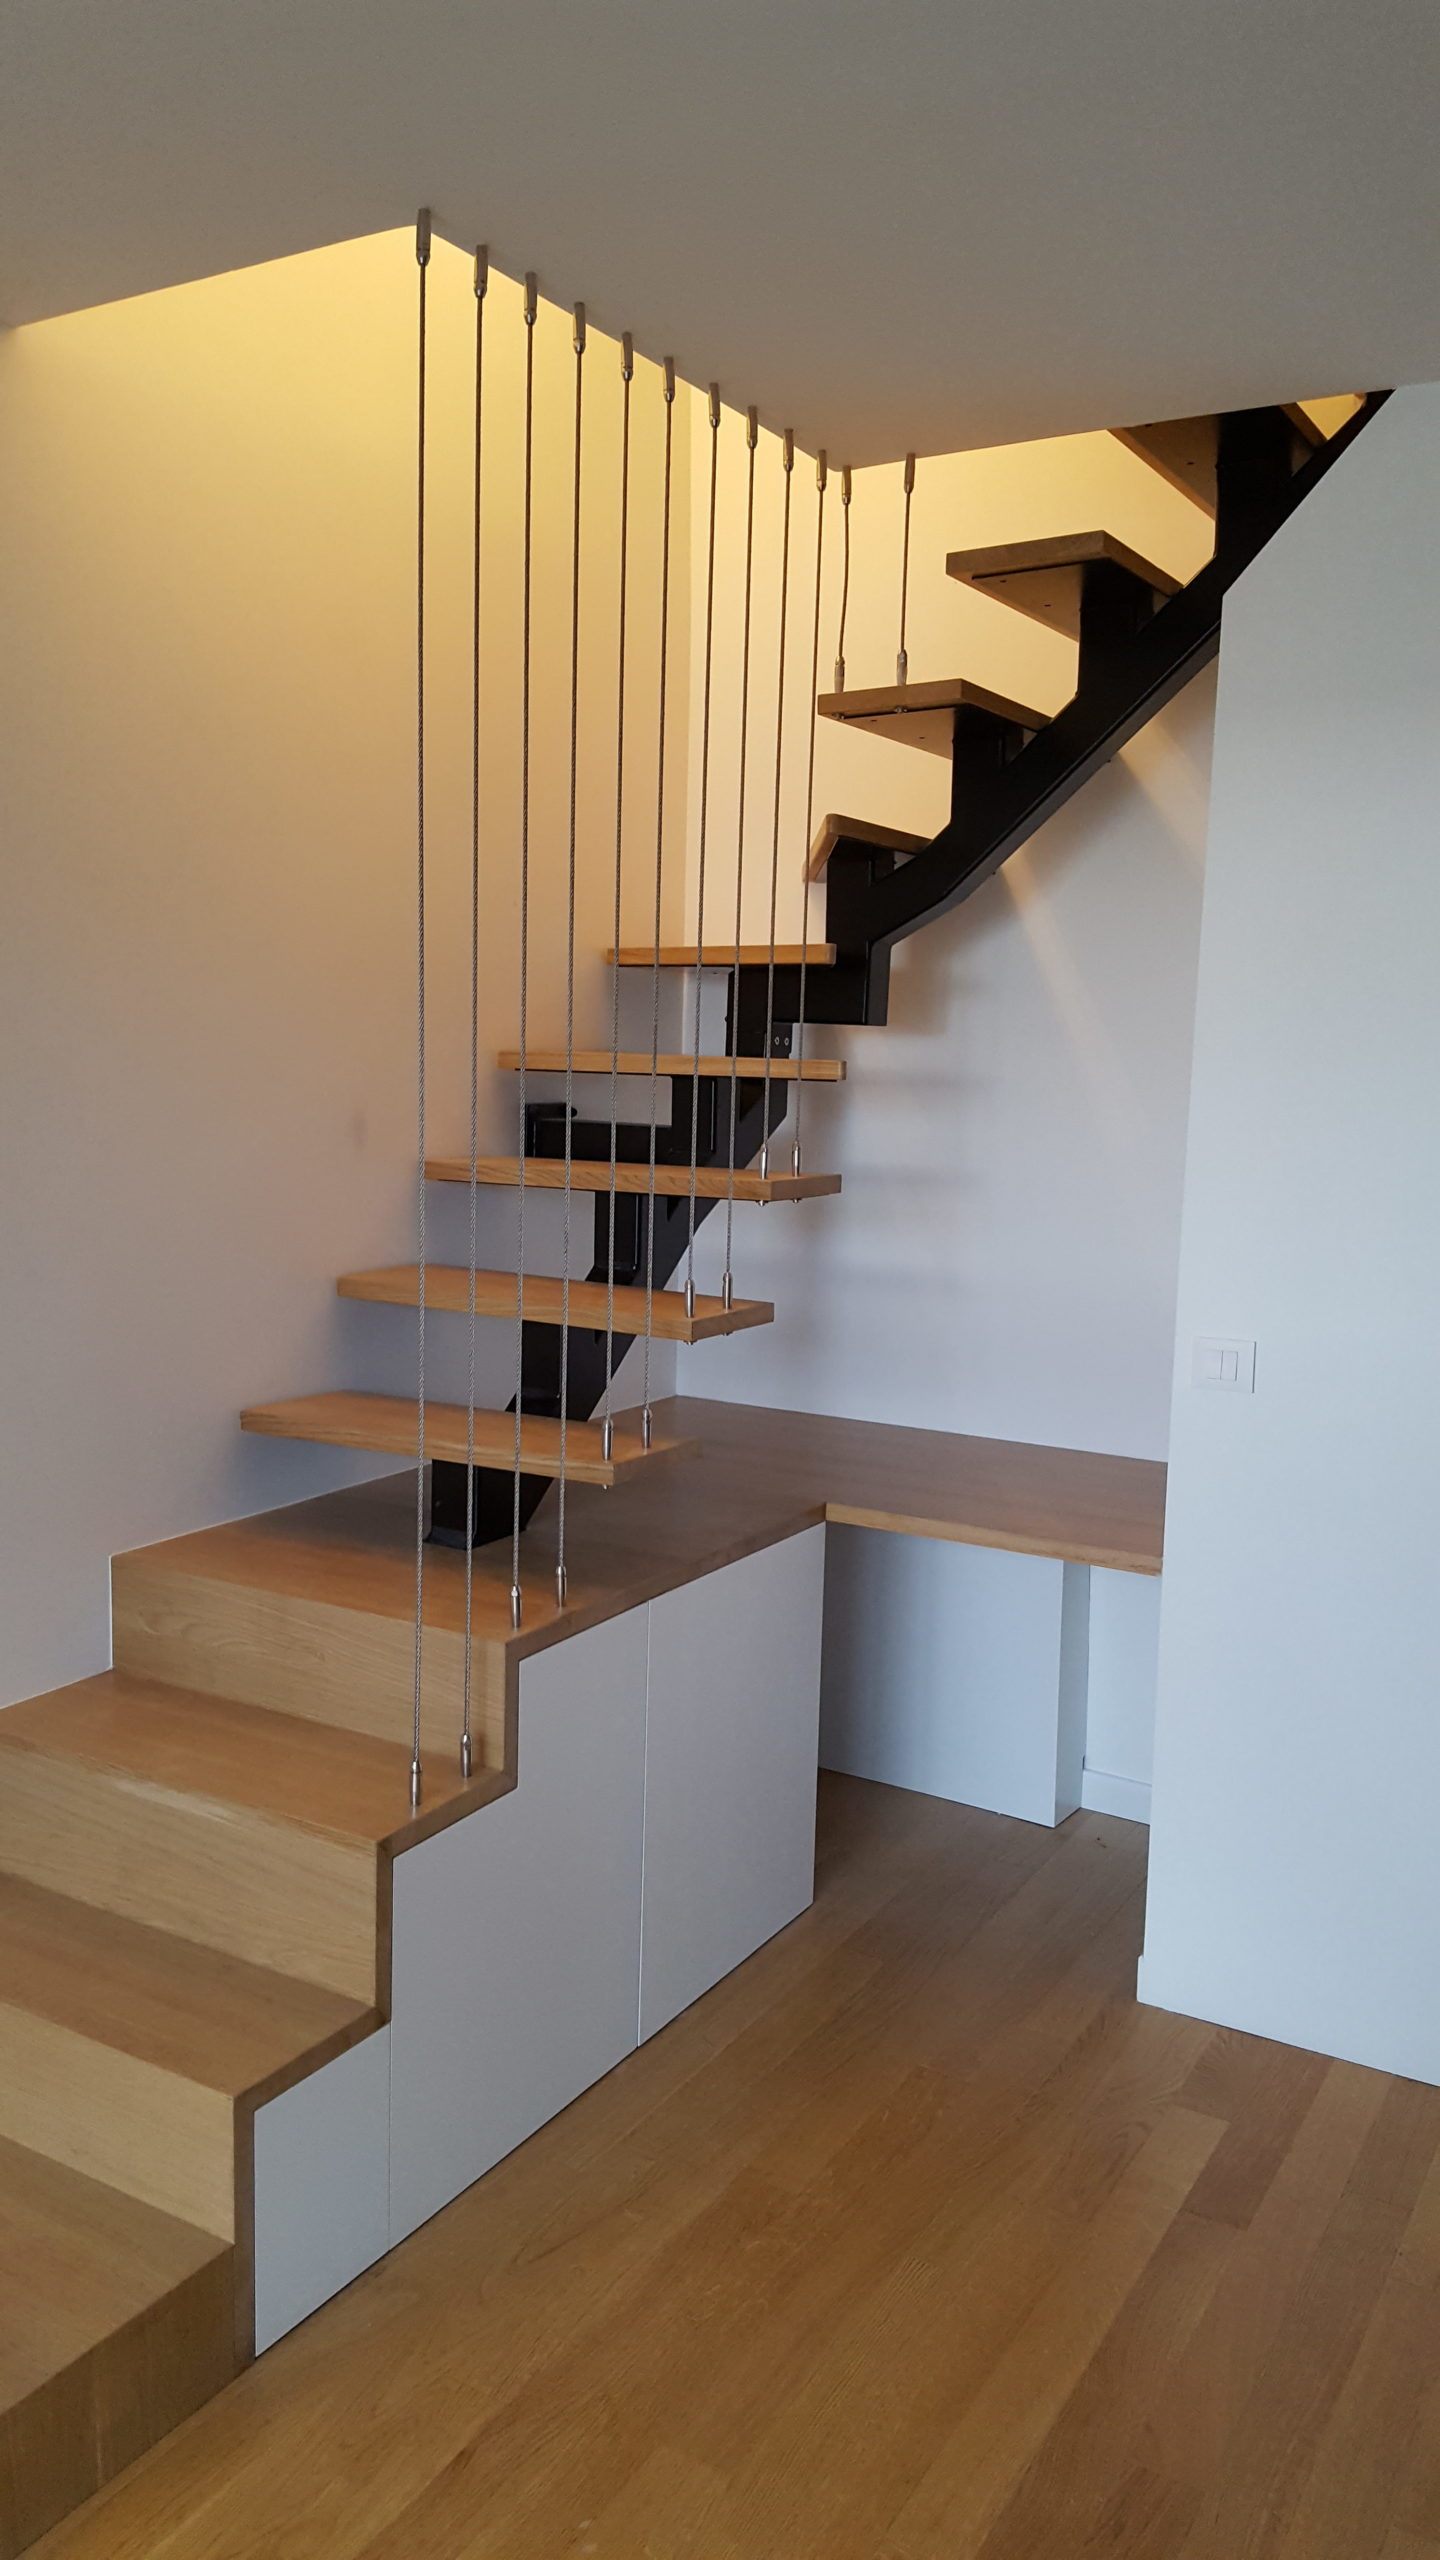 Escalier Bois Metal Noir escalier structure métallique avec marches en bois et garde